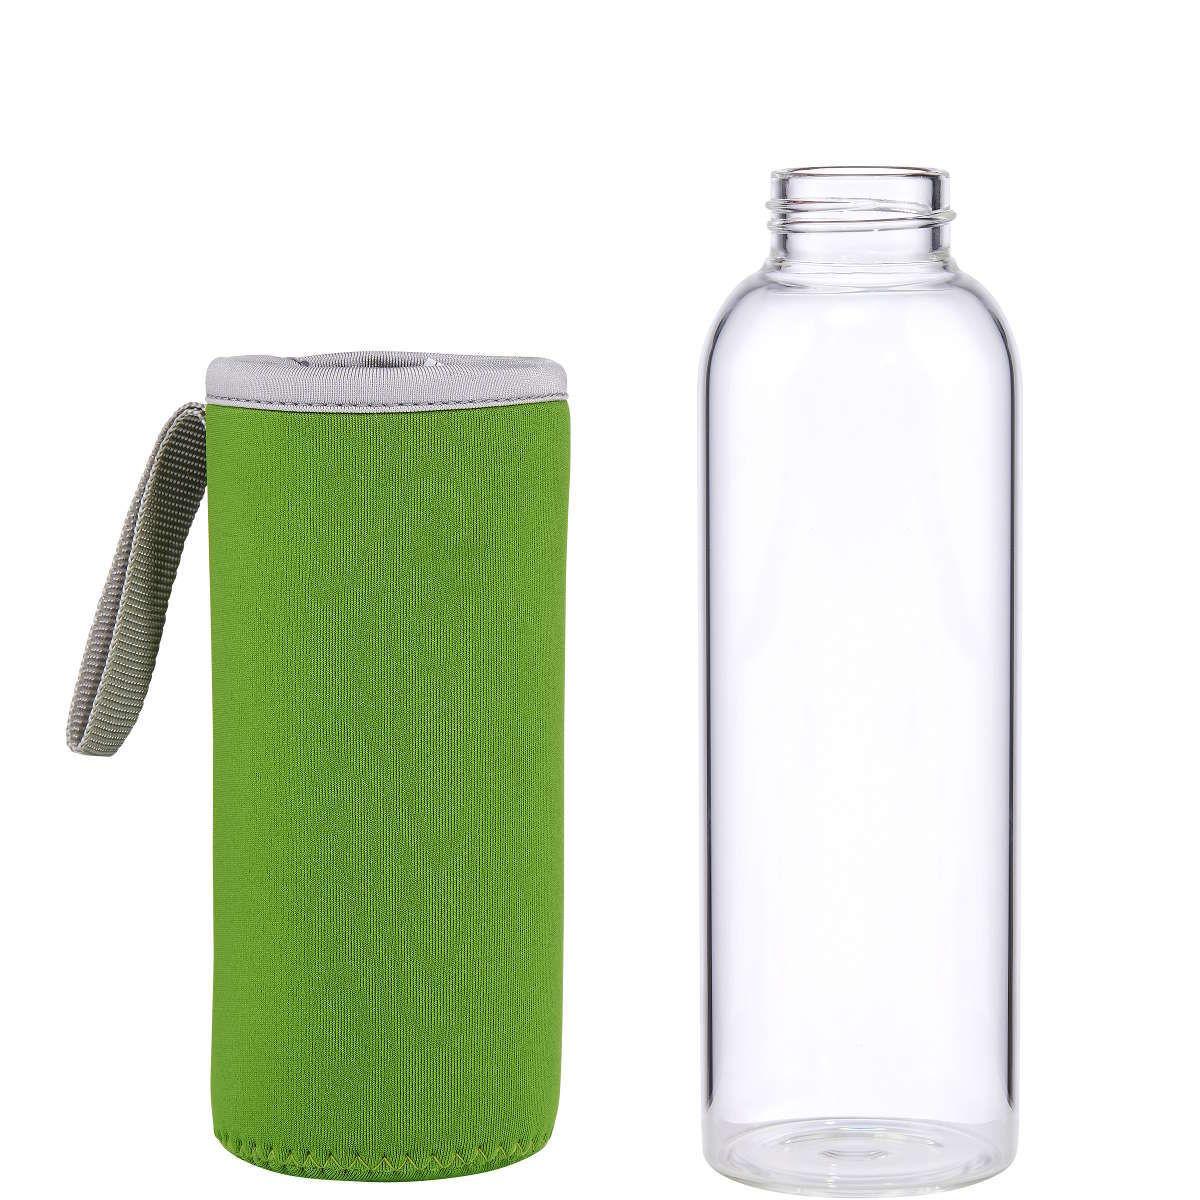 Bild 3 von Trinkflasche mit Tasche